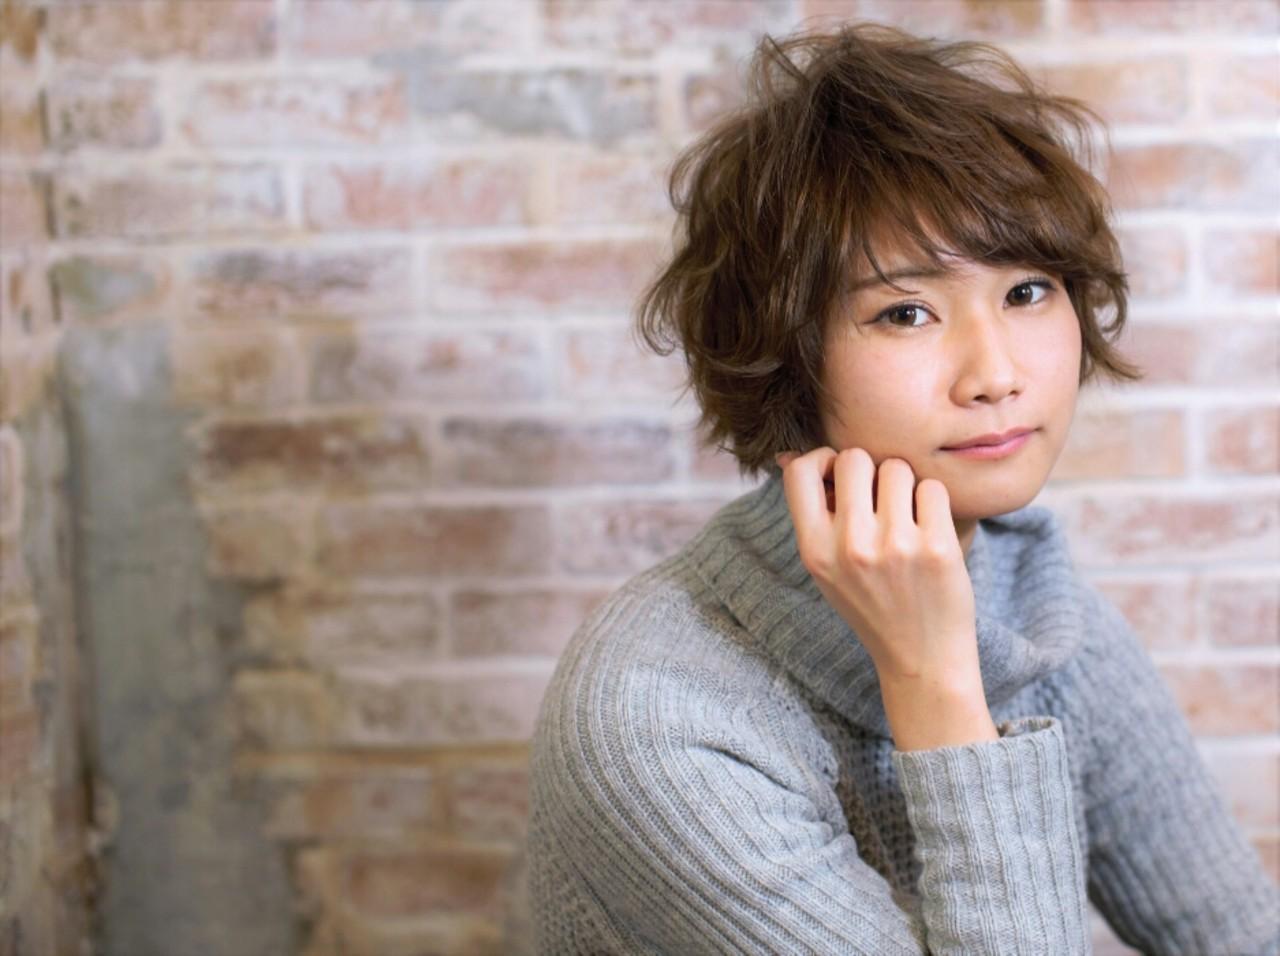 ショート アッシュ 大人かわいい ゆるふわ ヘアスタイルや髪型の写真・画像 | 千葉健太郎 / soenxclover